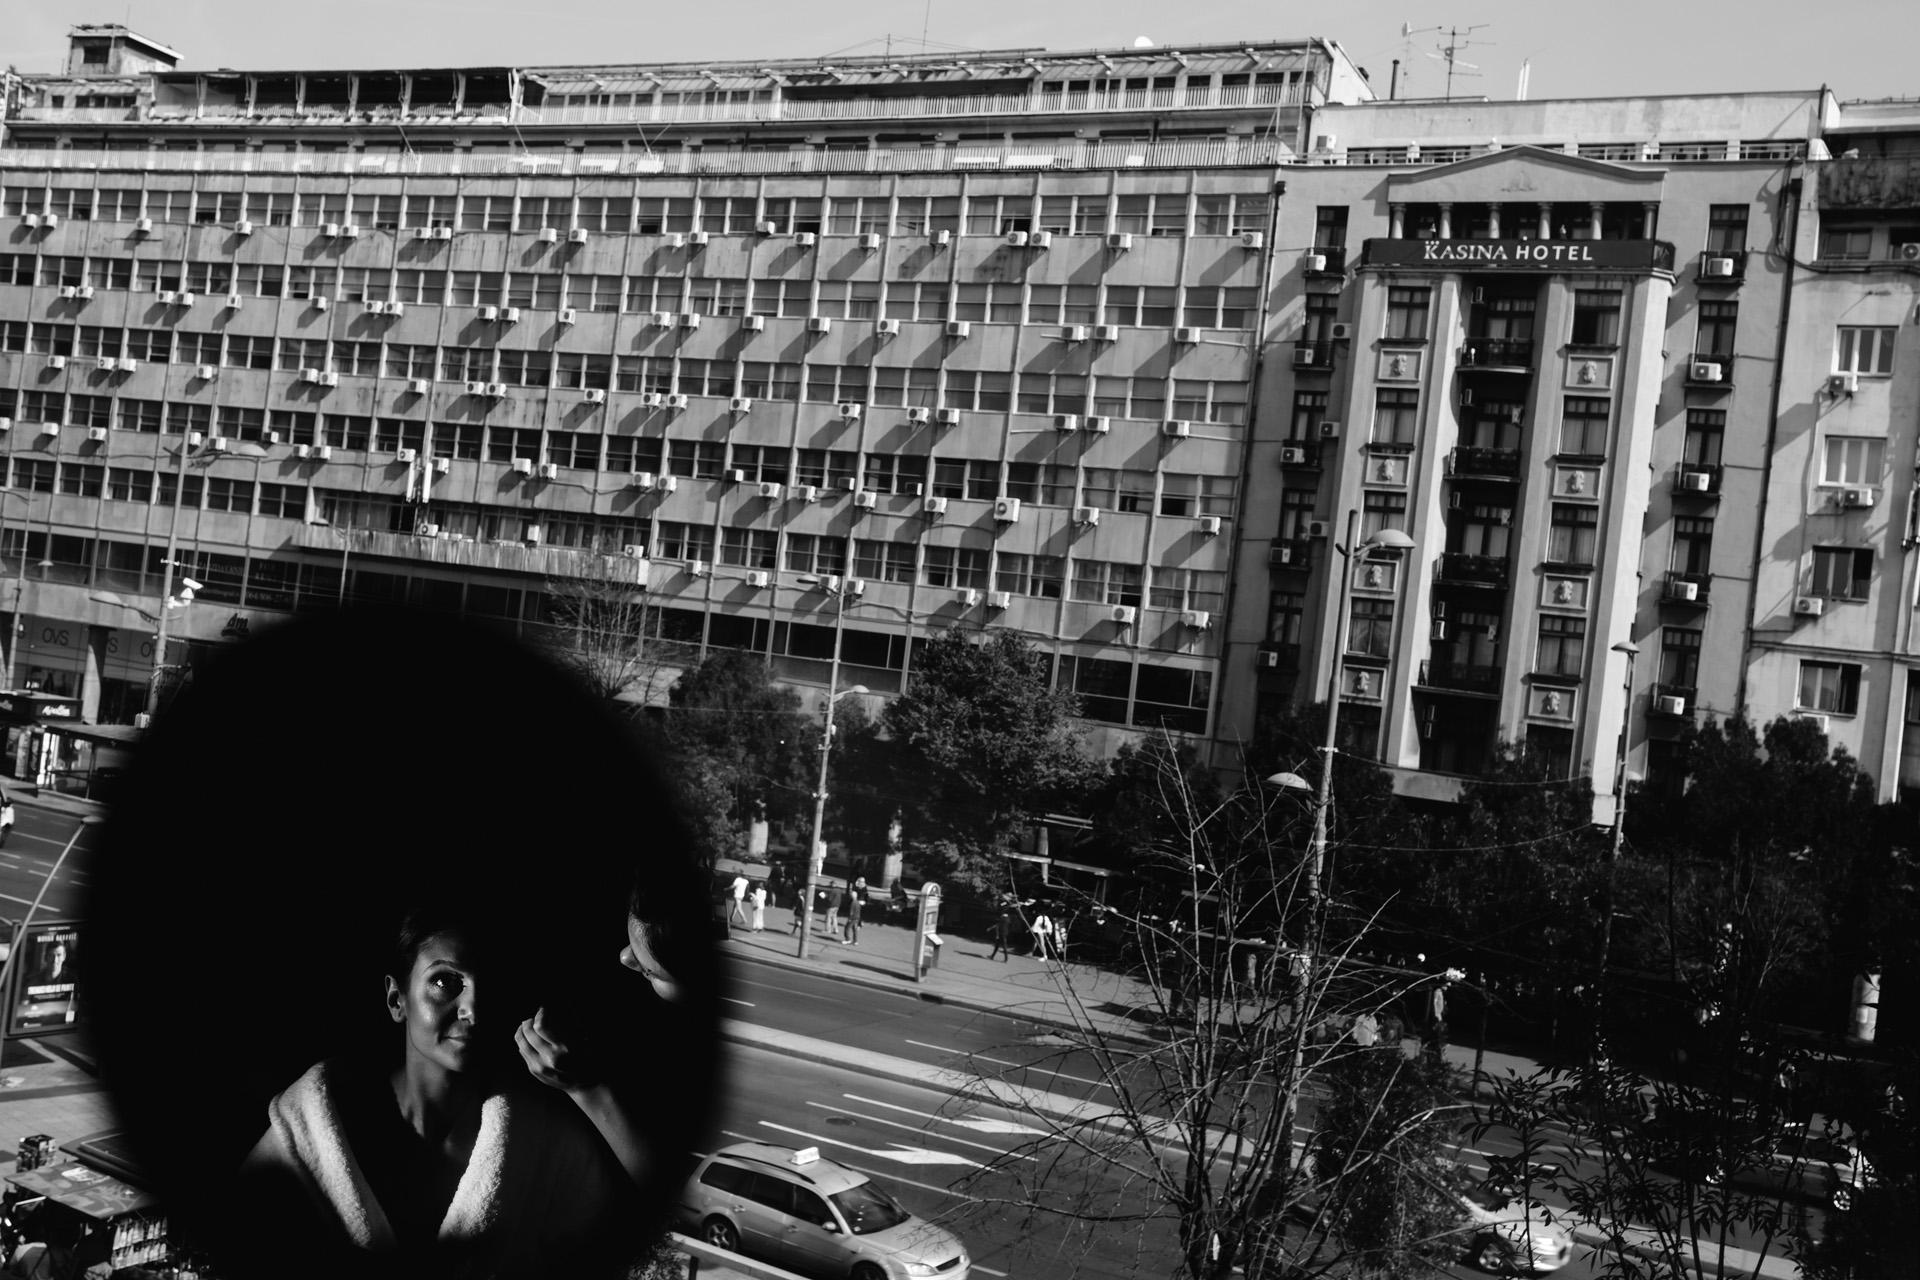 Photographie d'Elopement de Belgrade | De la chambre d'hôtel du couple, vous pouvez voir les bâtiments anciens et typiques de la Serbie